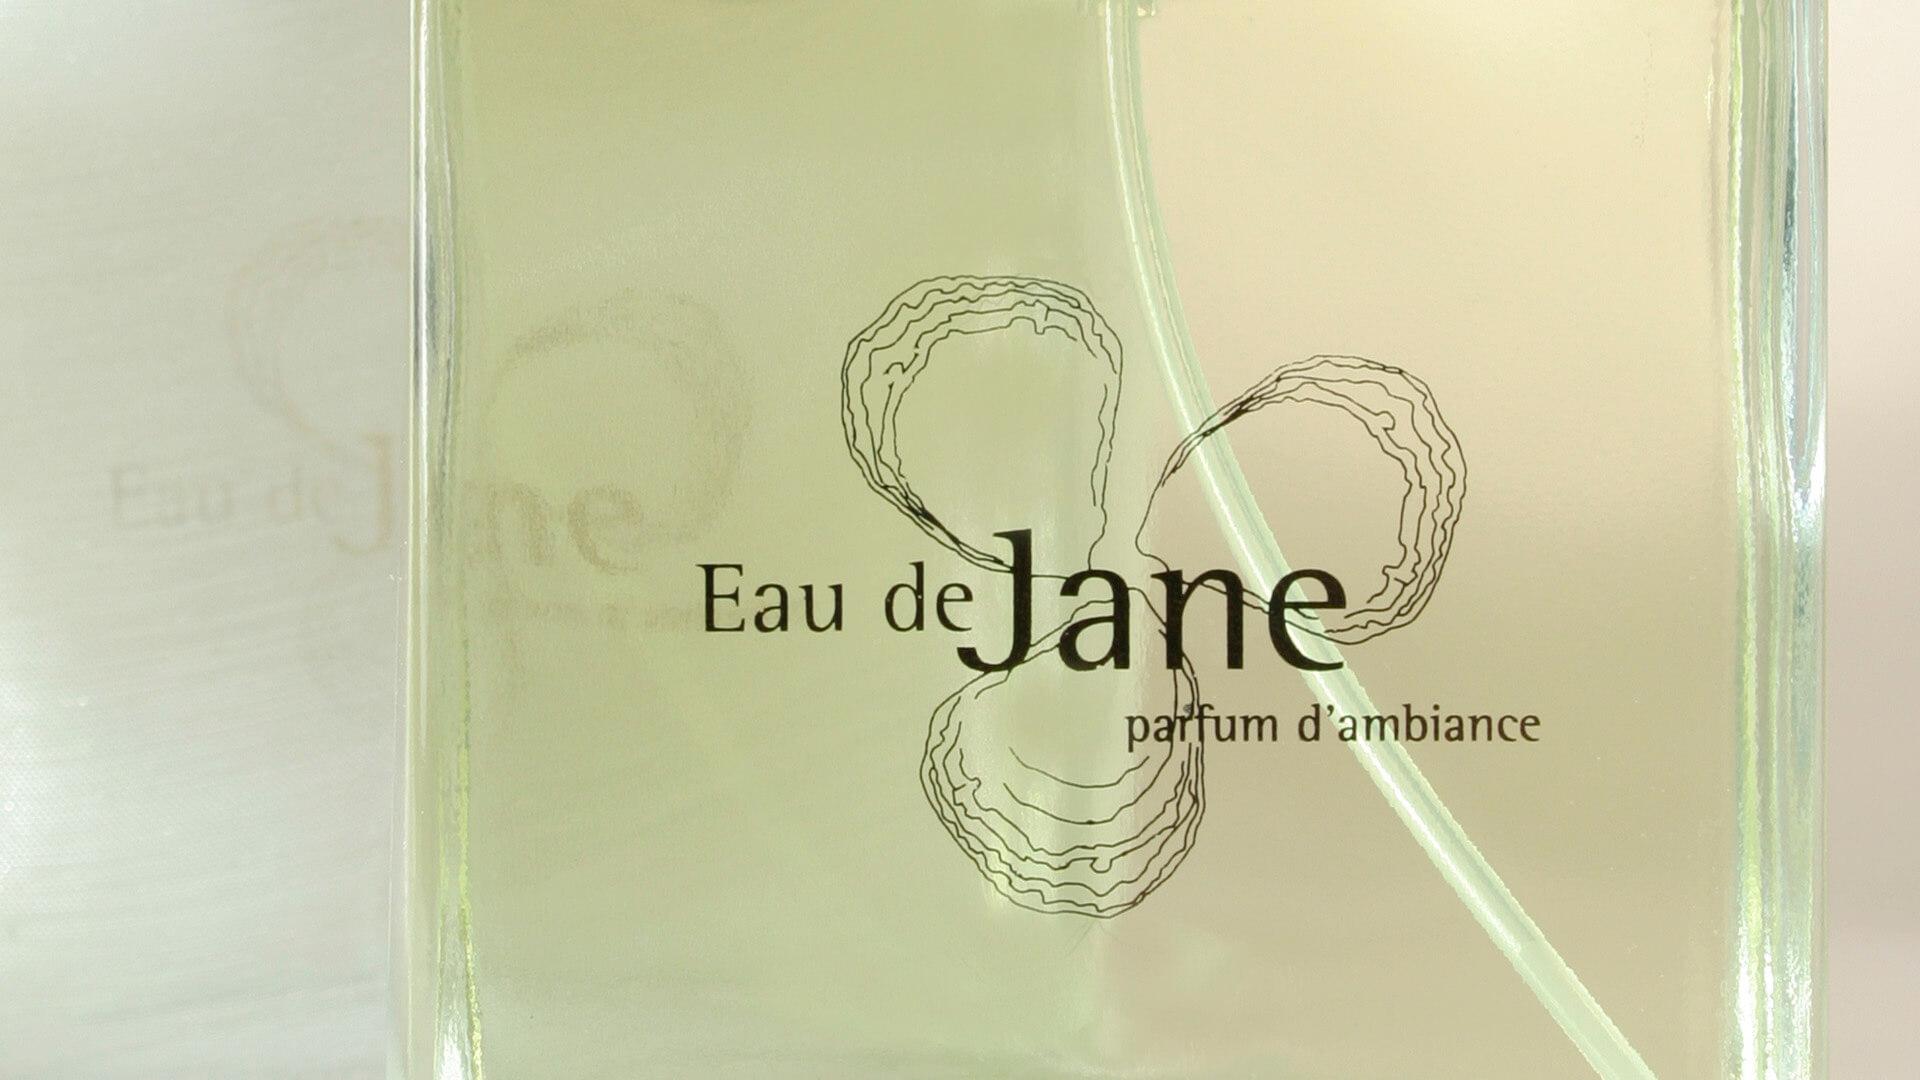 Eau de Jane